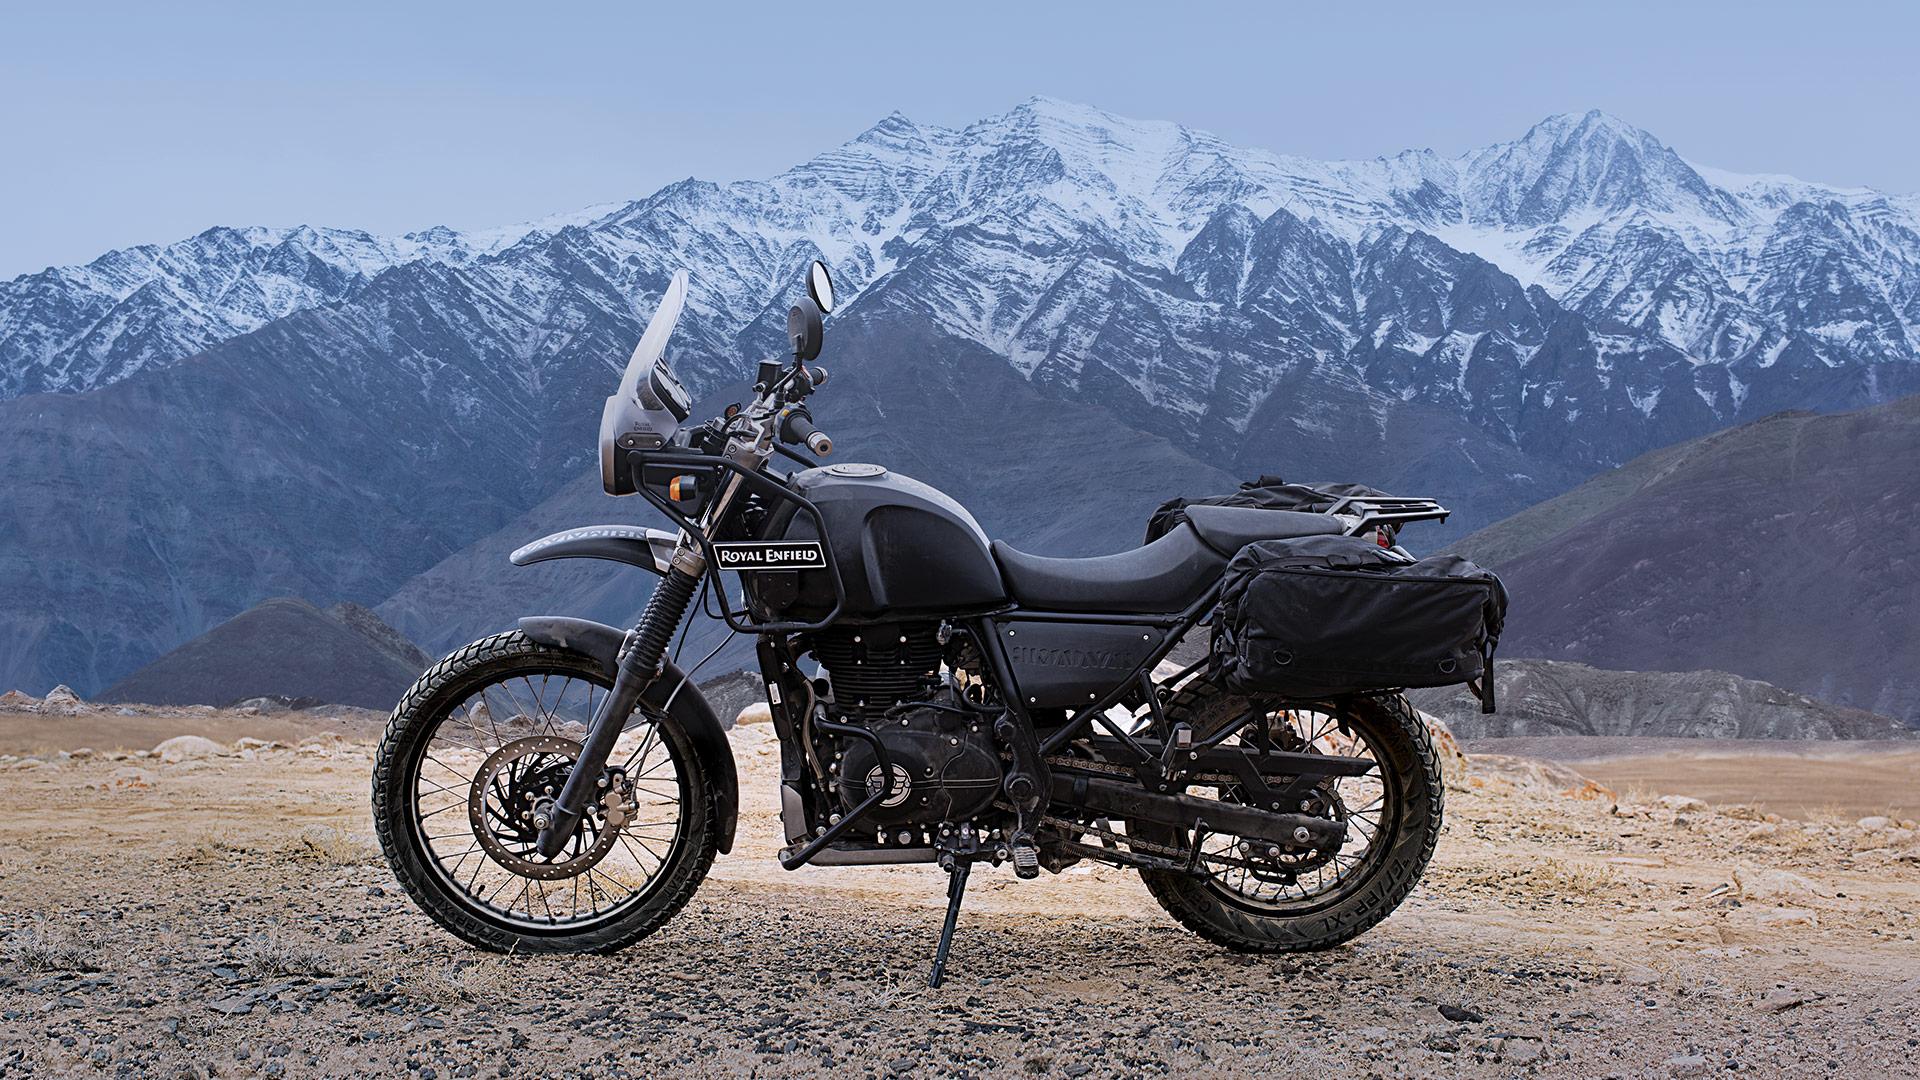 Fiable, dura, convencional. Así se presenta la trail de siempre creada para los aventureros que no quieren límites ni adornos para vivir la experiencia mas intensa que ofrece la Royal Enfield Himalayan.